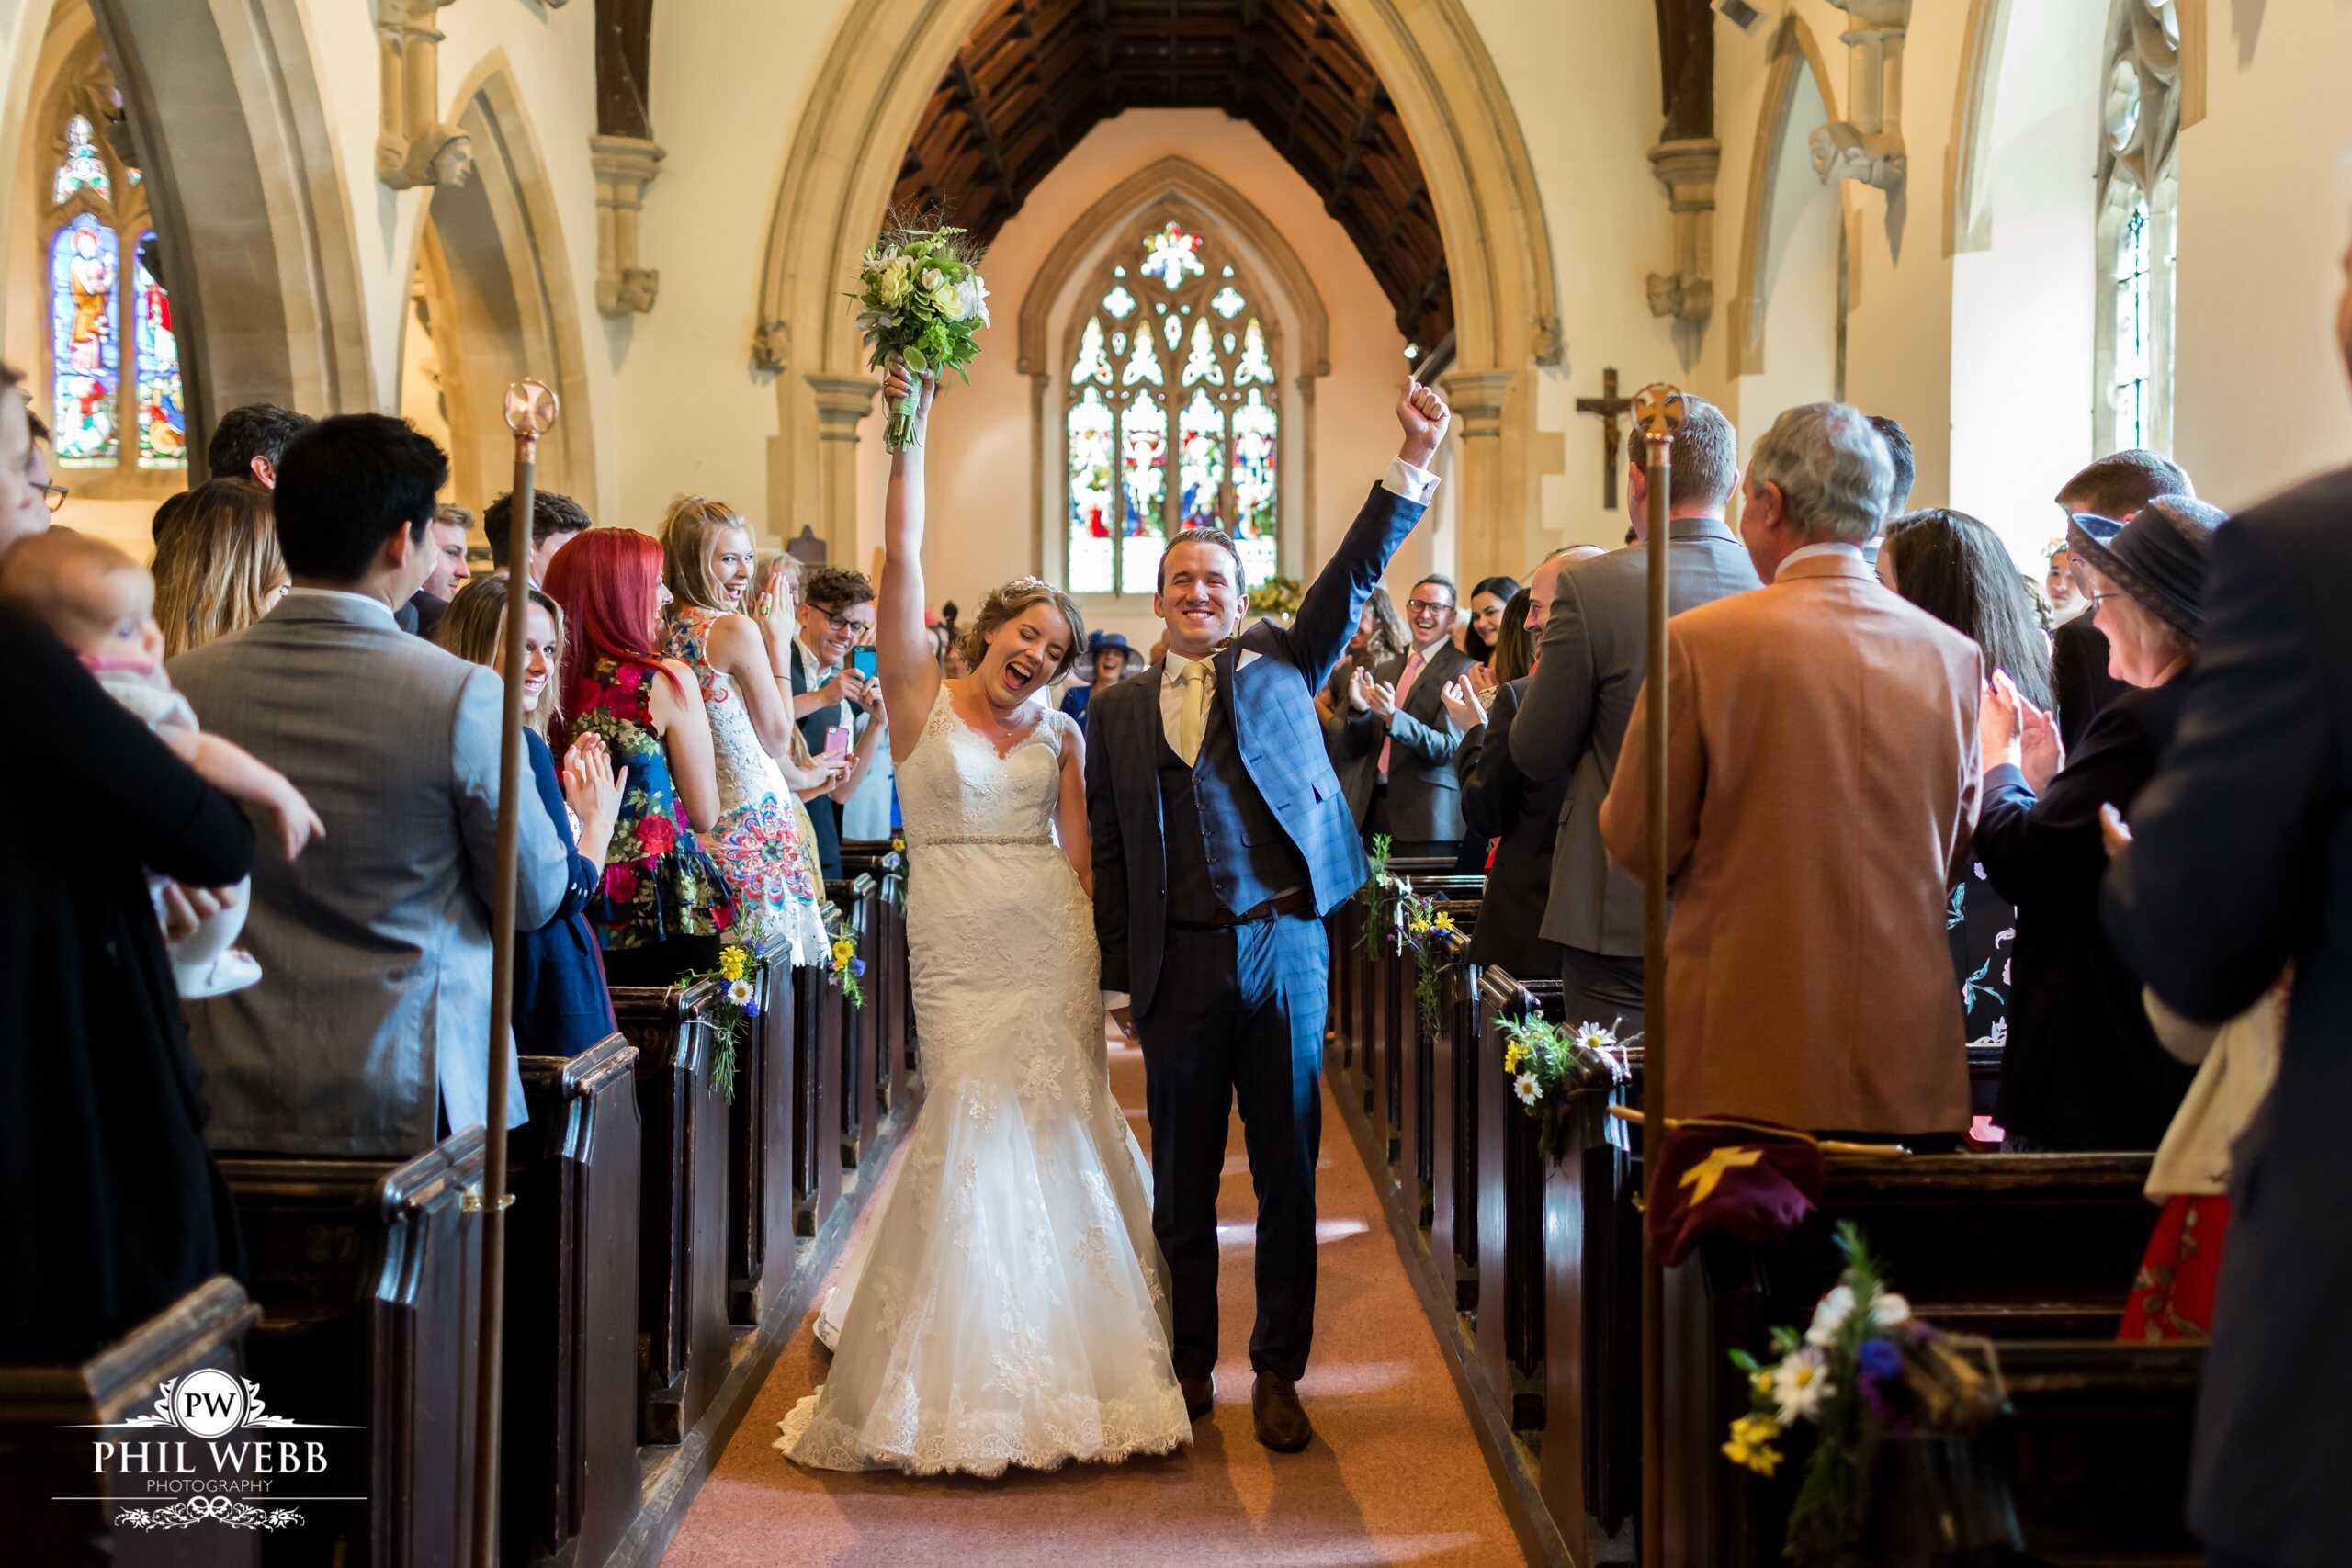 Natasha & Nathan's Wedding part 1 - St Bartholemew's Church